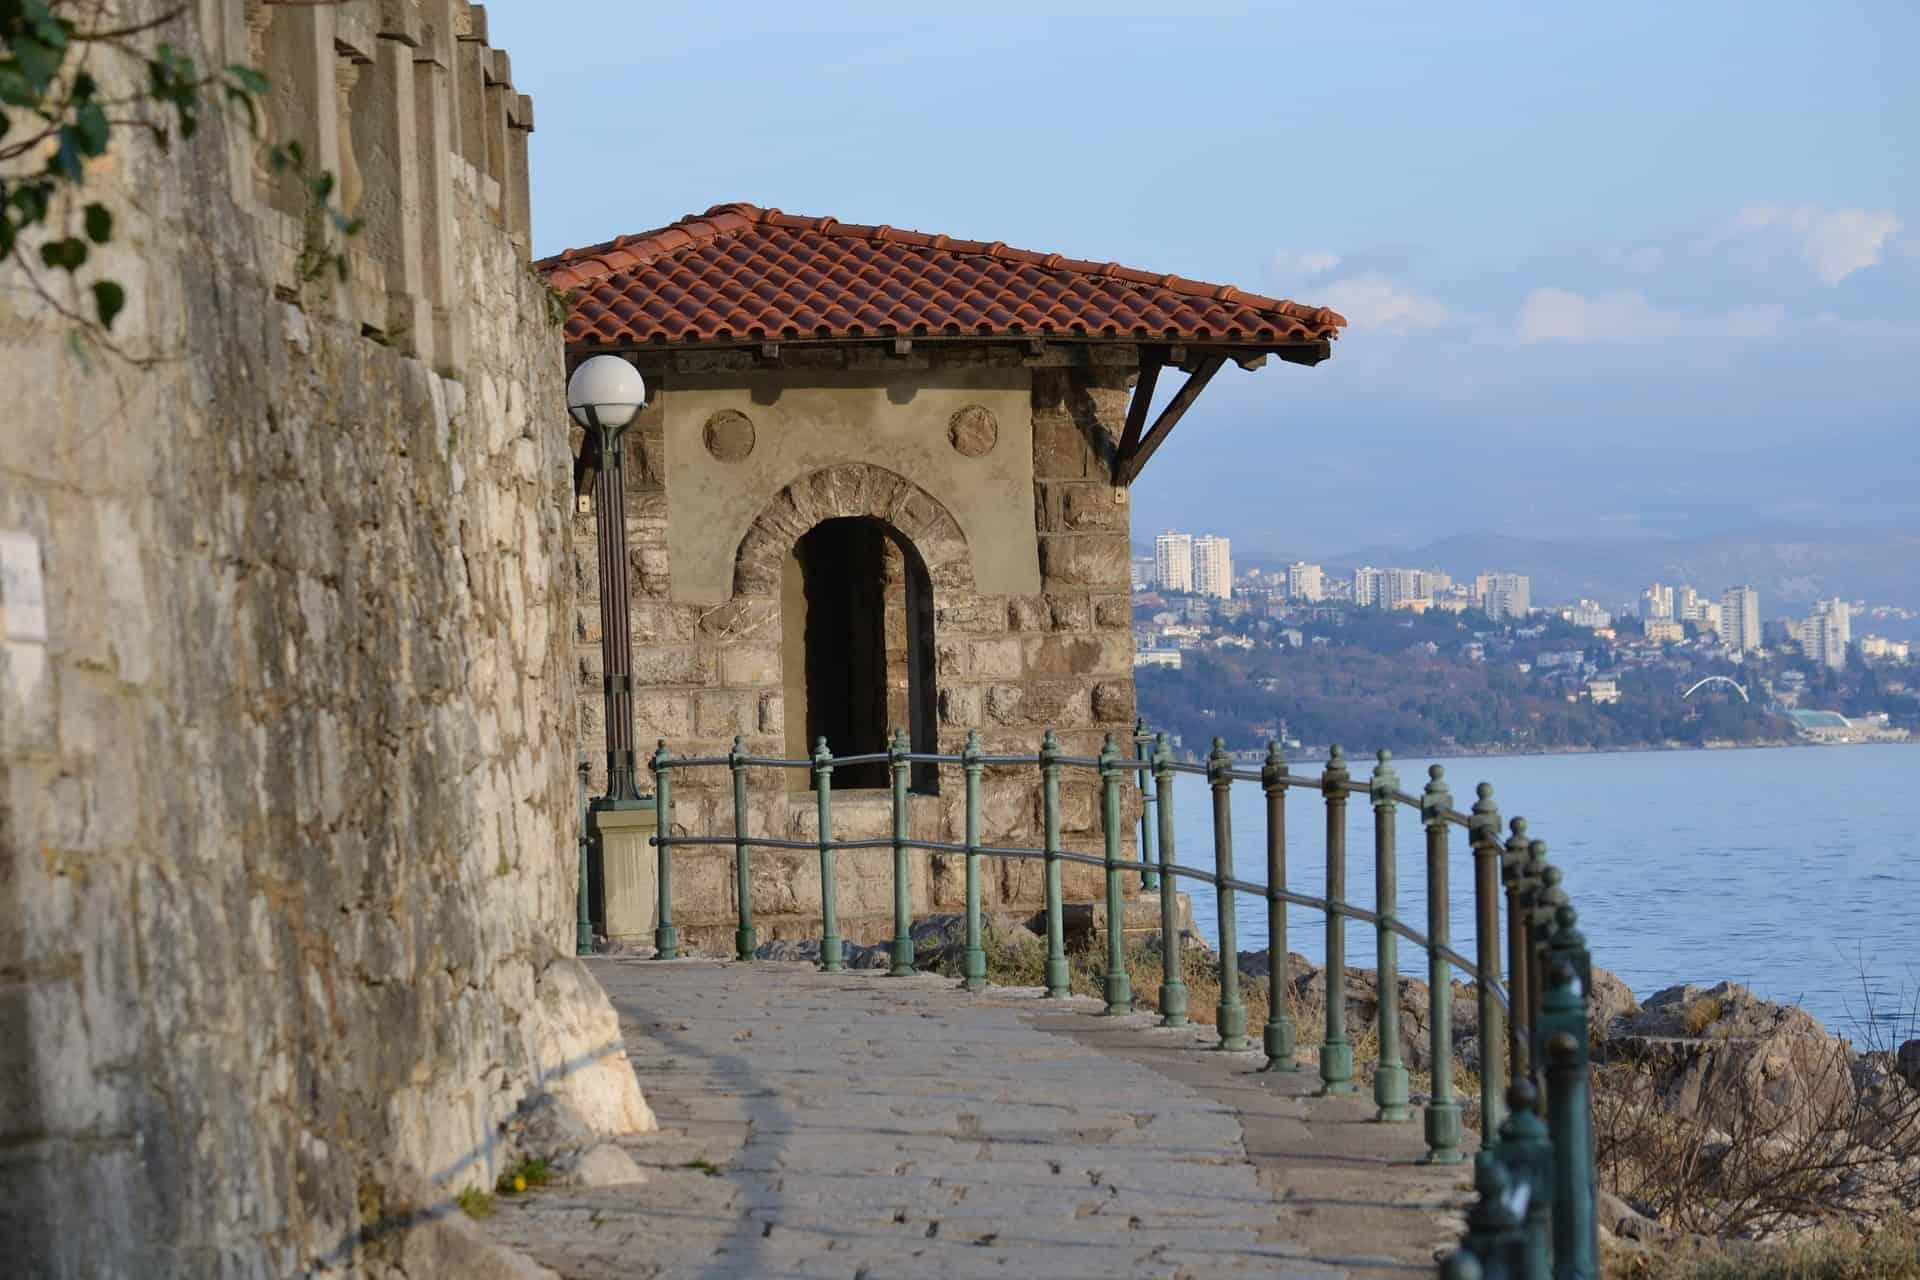 Spaziergänge durch die alten Wege der Stadt Rijeka